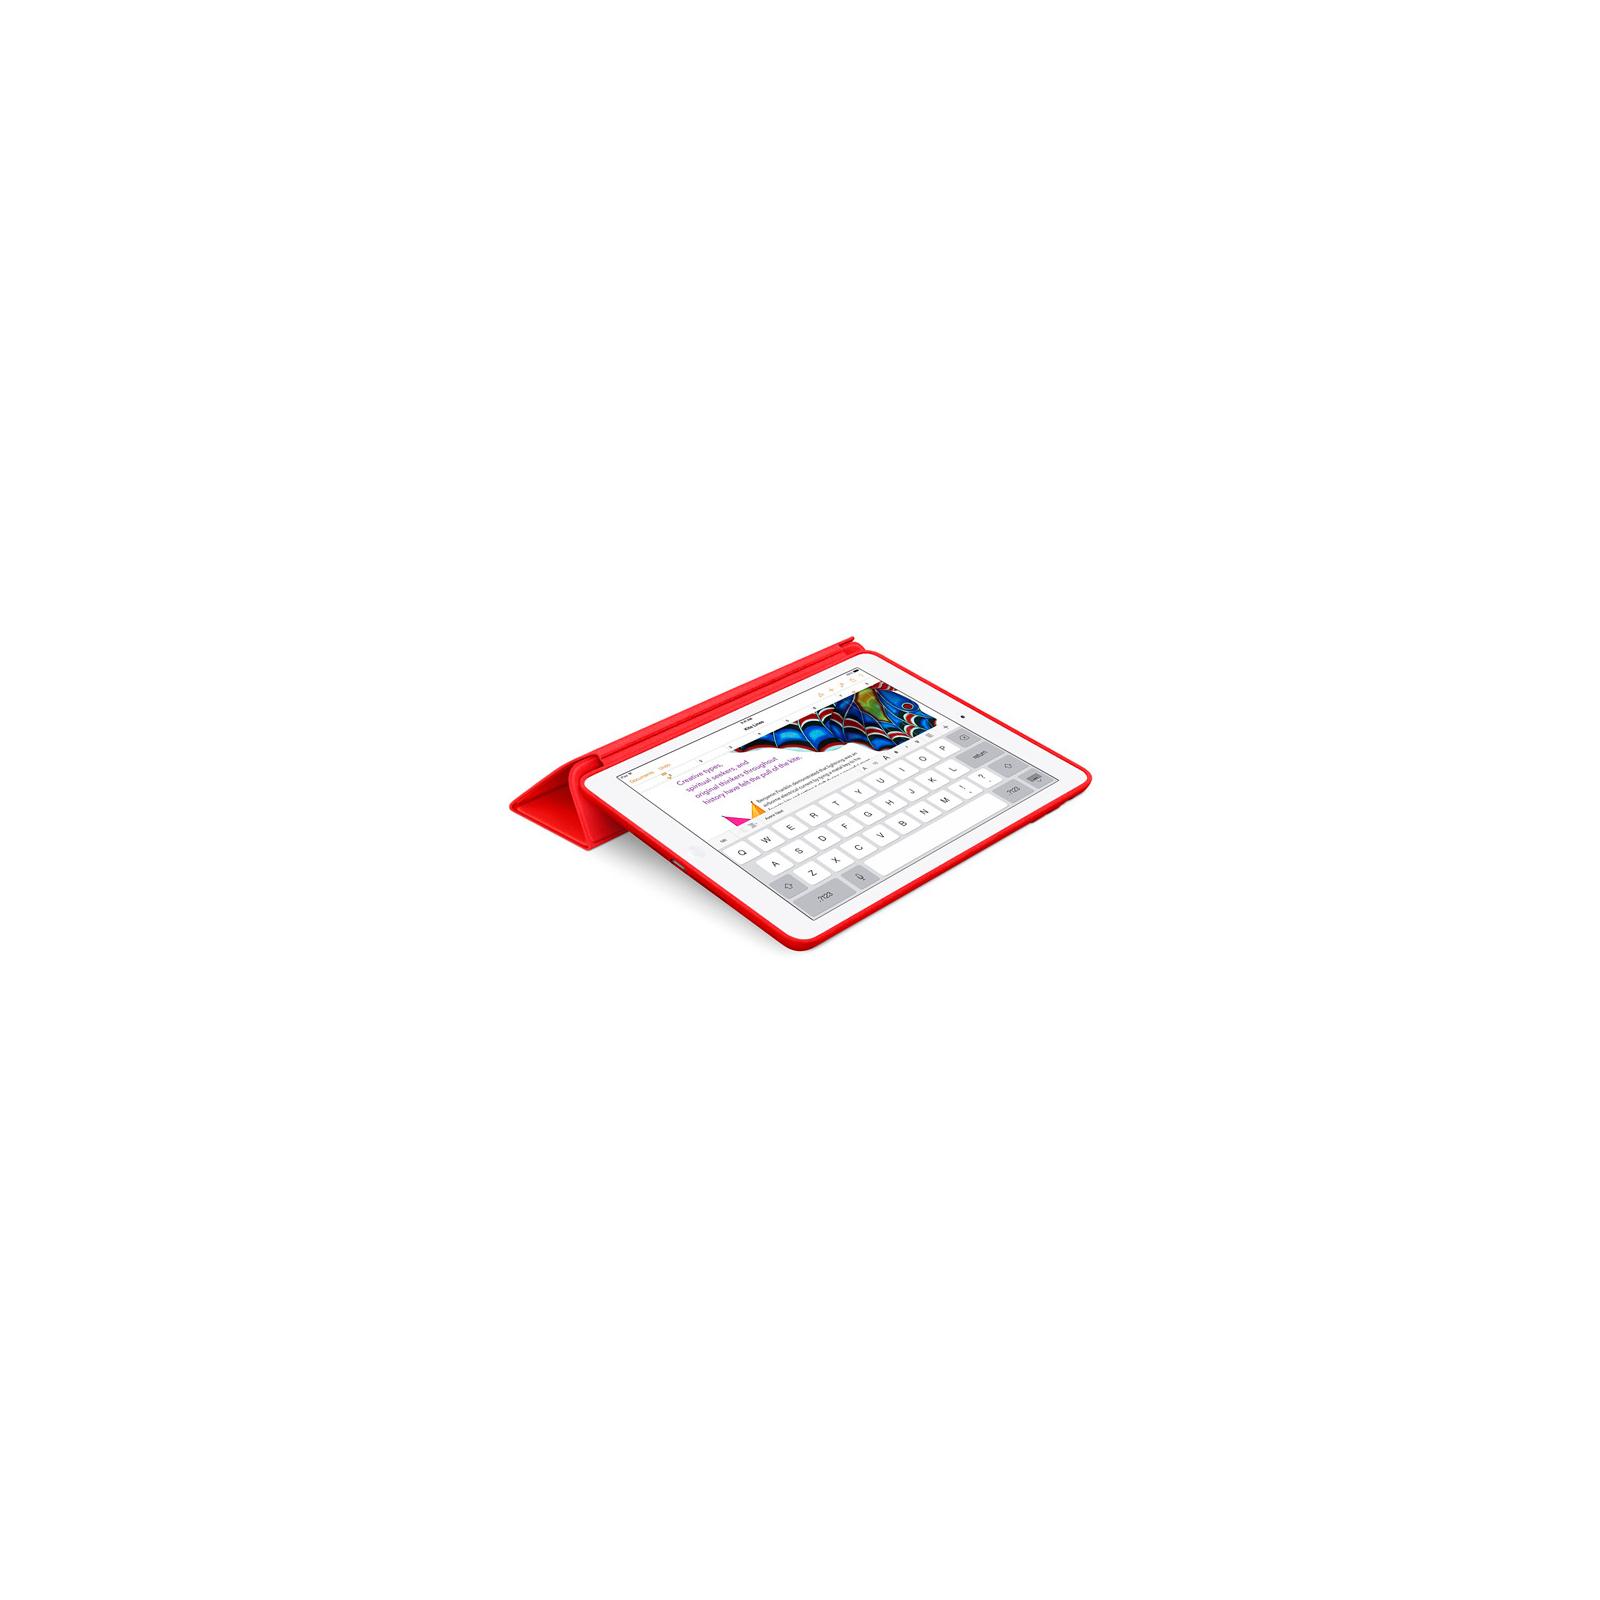 Чехол для планшета Apple Smart Case для iPad Air (red) (MF052ZM/A) изображение 4